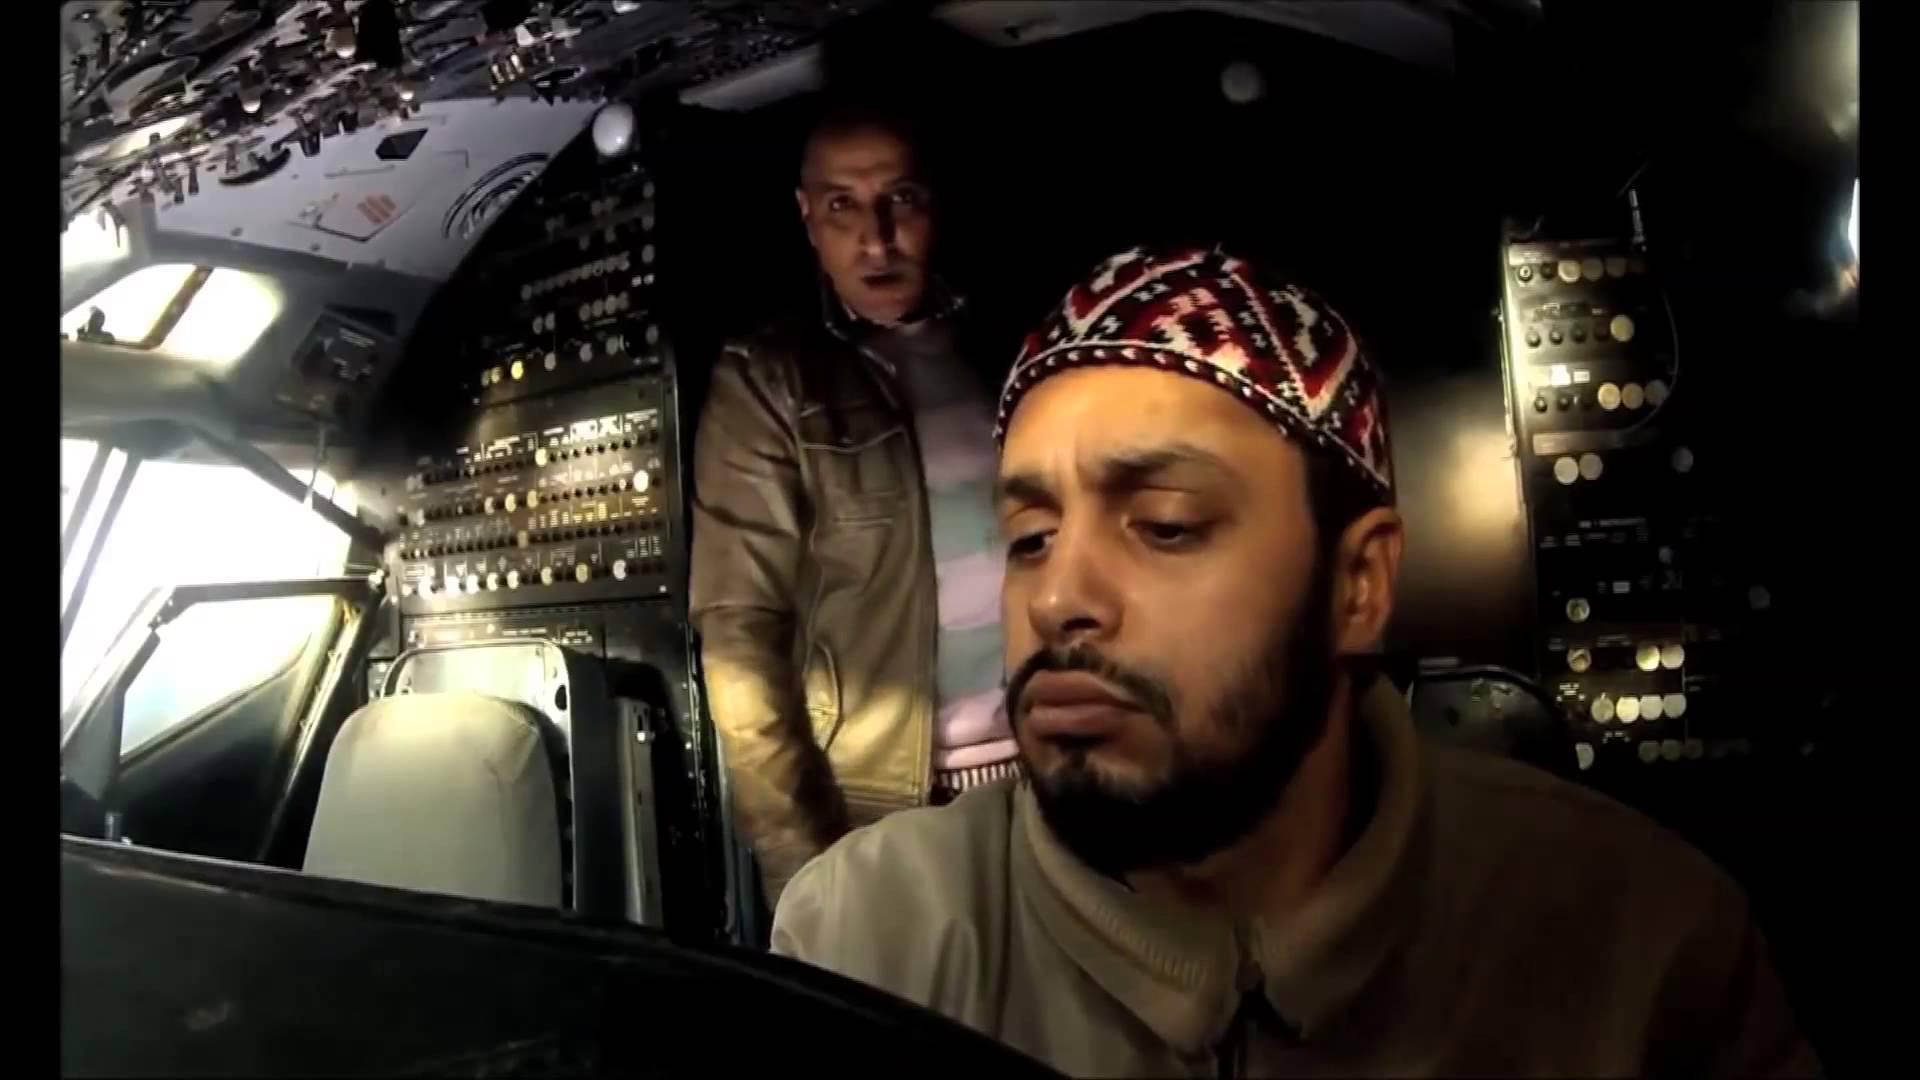 الاتحاد الأوروبي يناقش مسألة نزع سلاح الفصائل الليبية